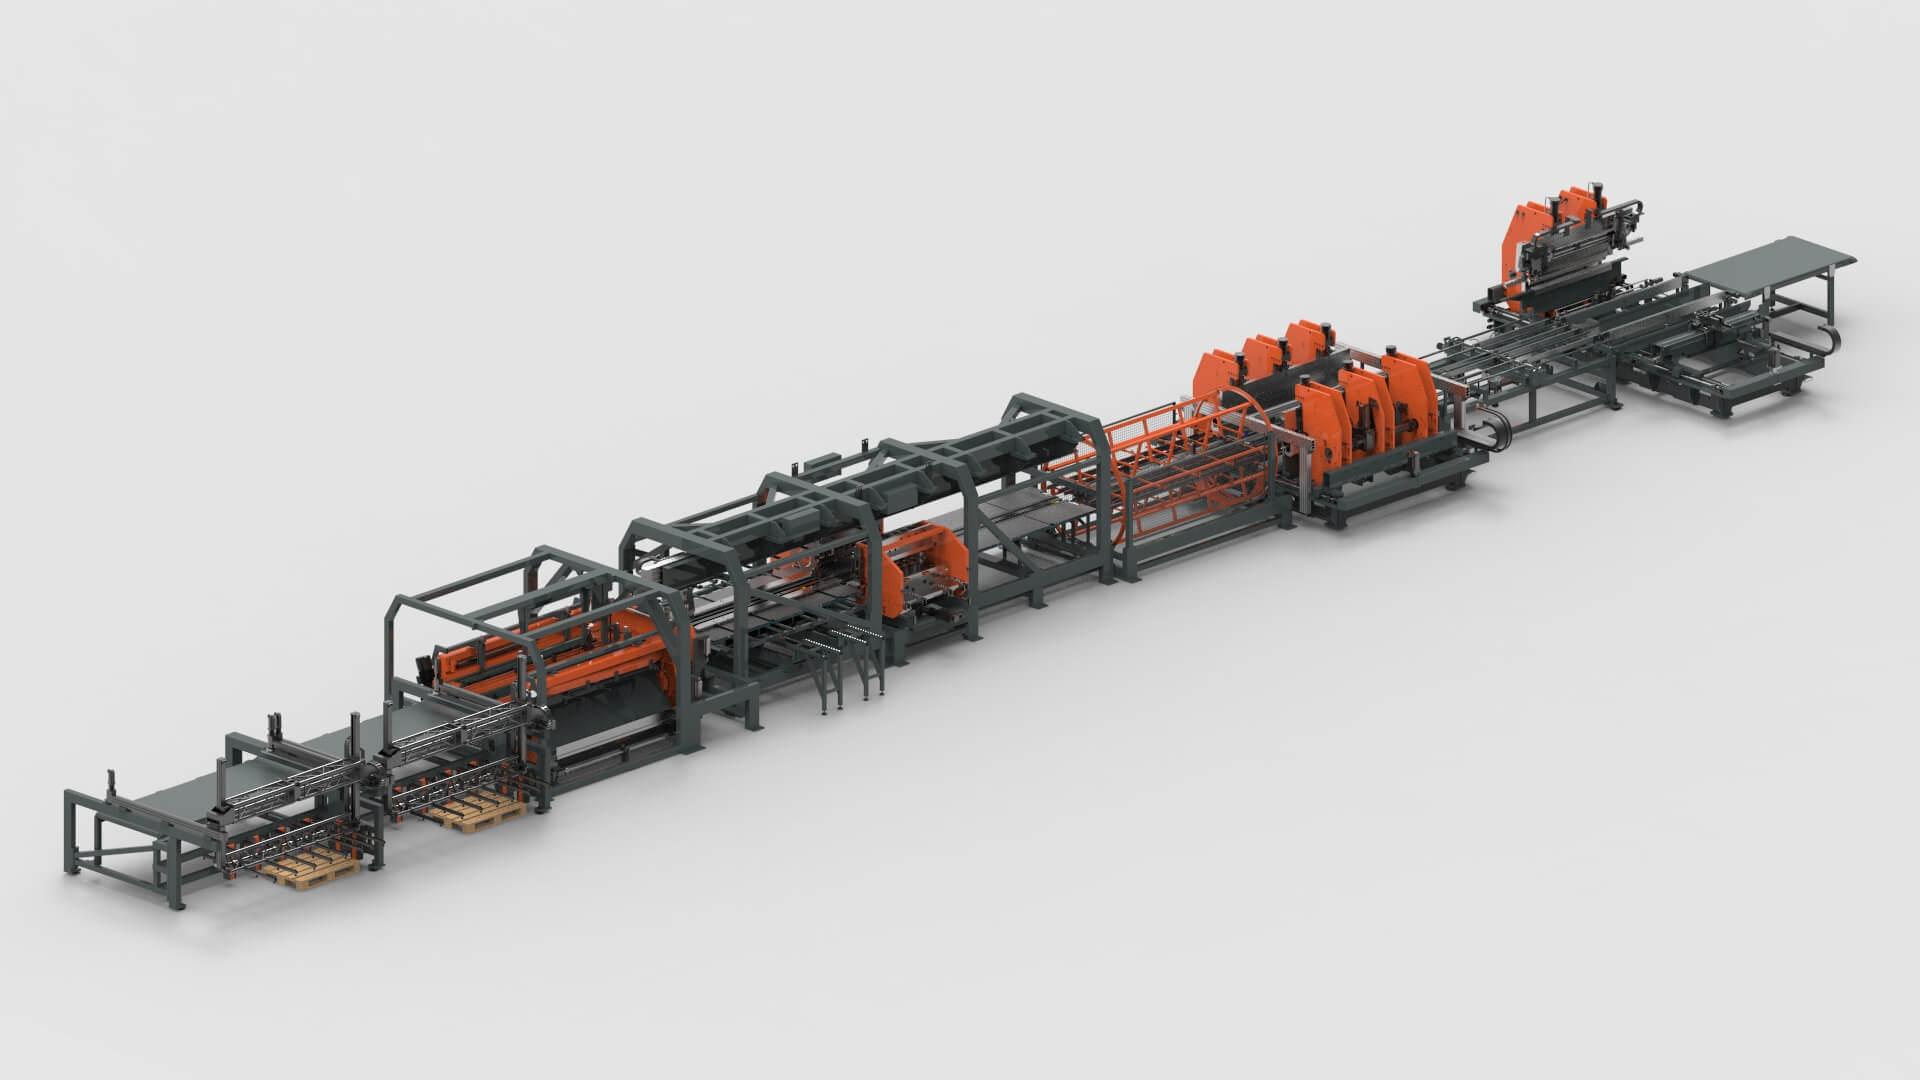 wemo-stalen-deuren-plaatbewerking-snijden-ponsen-buigen-productielijn